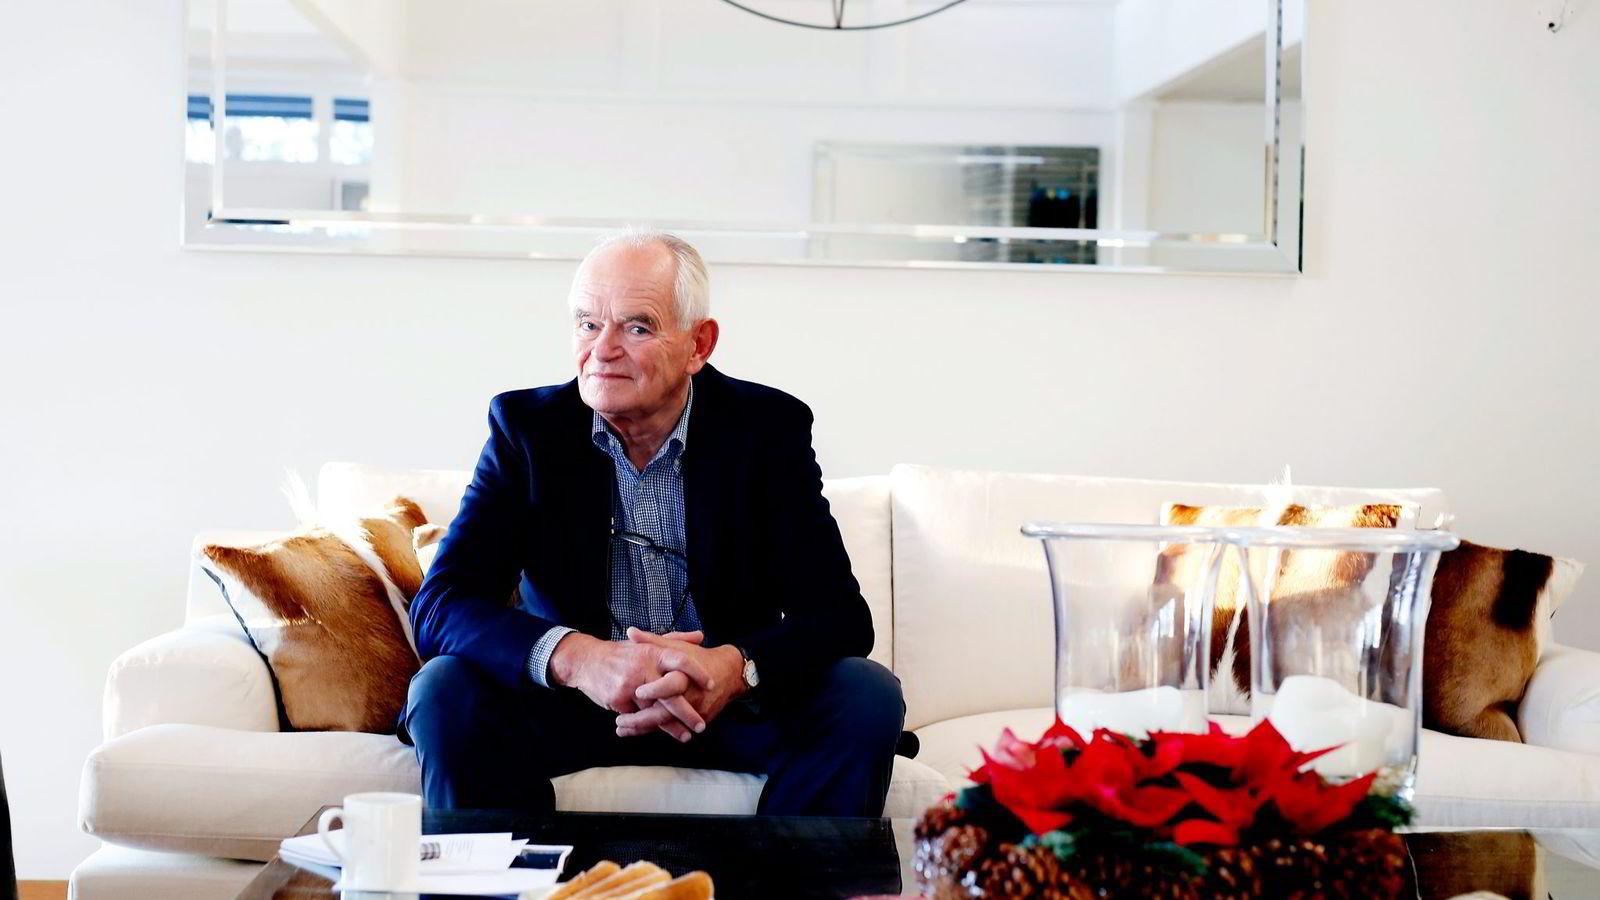 De hadde ikke hatt kontakt siden 1982 da Trond Mohn plutselig overførte 100 millioner kroner til sin tvillingbror Stein Mohn. Foto: Kristin Svorte